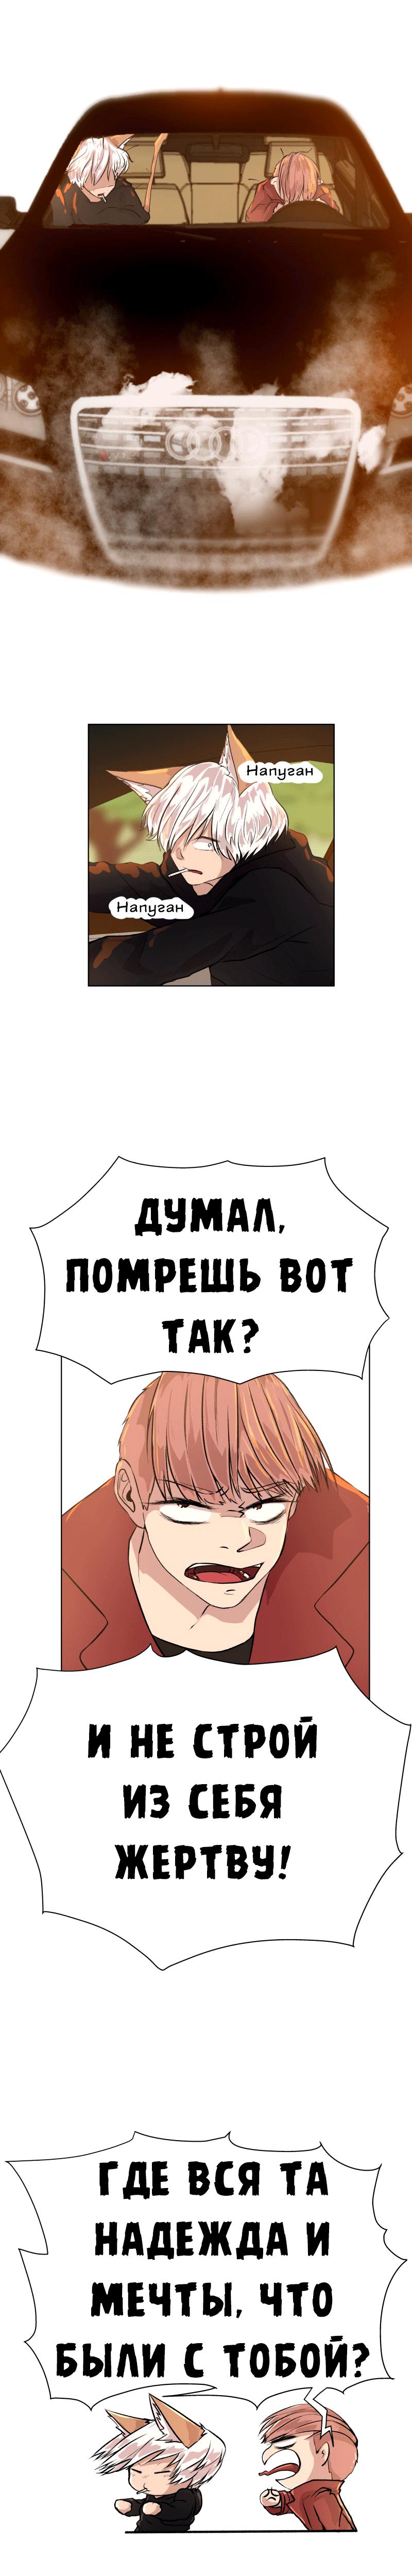 https://r1.ninemanga.com/comics/pic2/58/31802/326478/1497330304719.png Page 1